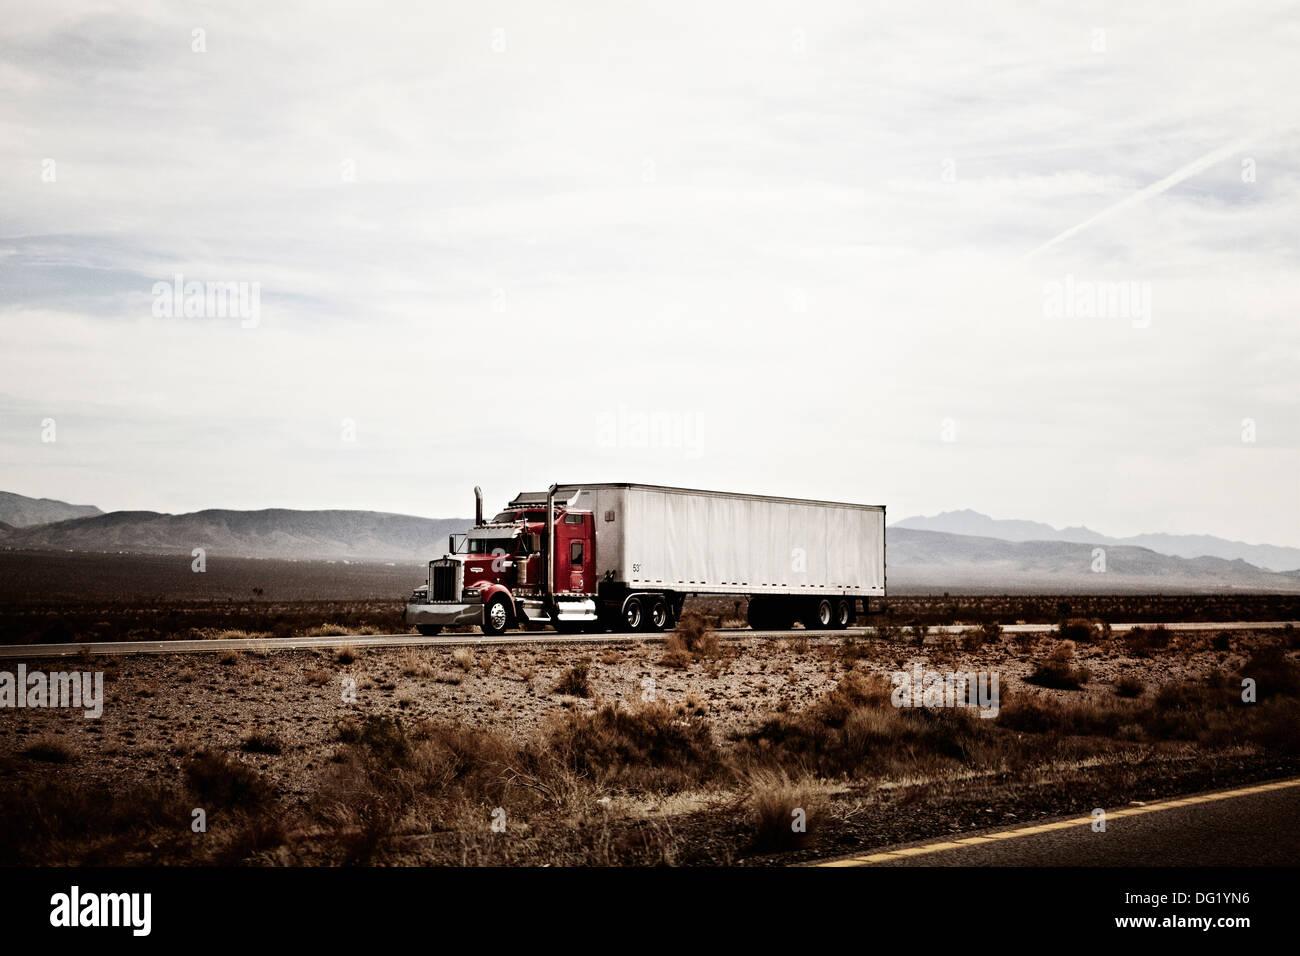 Camión de 18 ruedas en la carretera del desierto de Arizona, EE.UU. Imagen De Stock